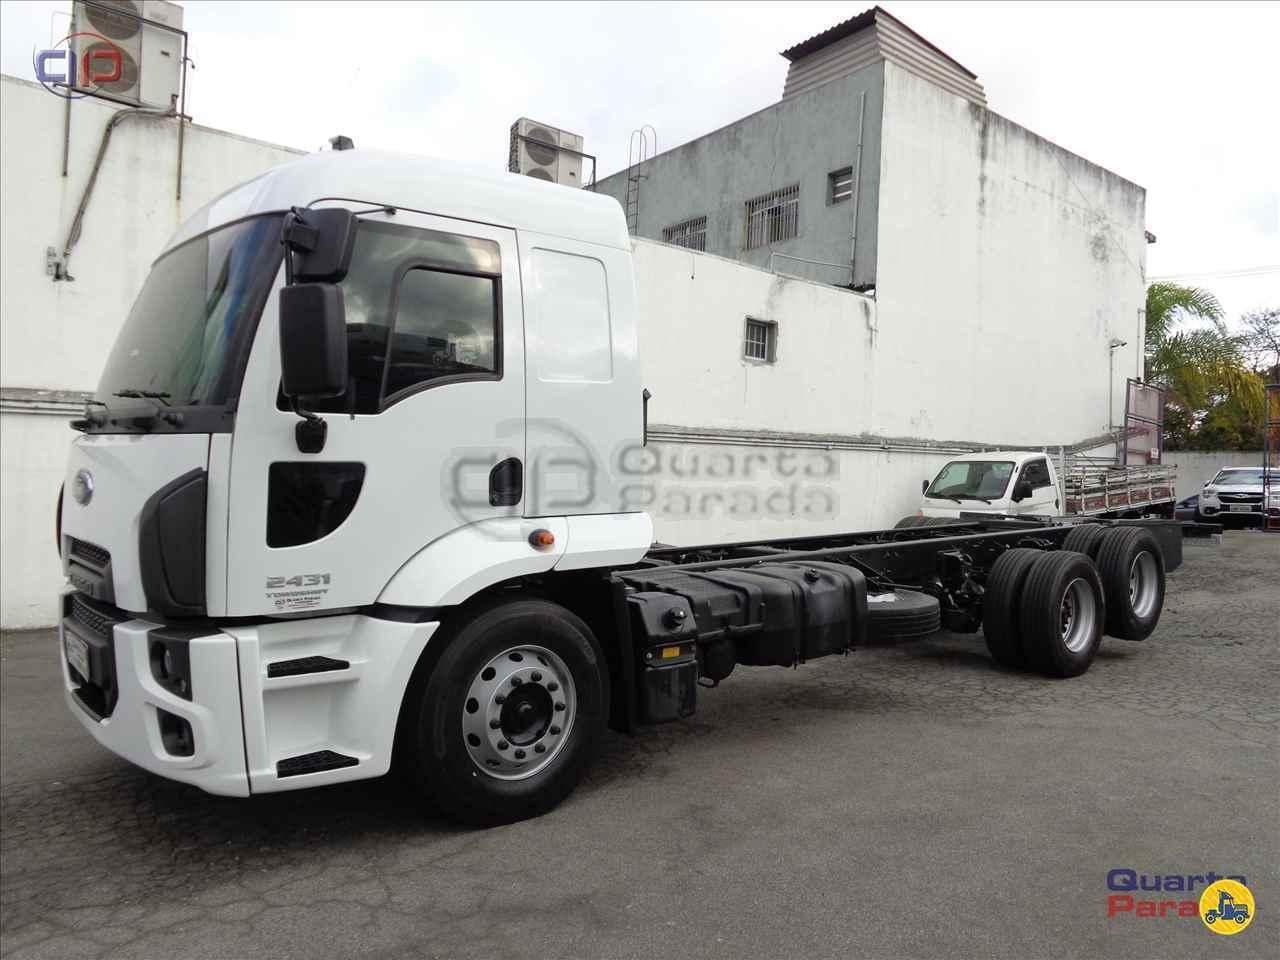 CAMINHAO FORD CARGO 2431 Chassis Truck 6x2 Quarta Parada Caminhões SAO PAULO SÃO PAULO SP